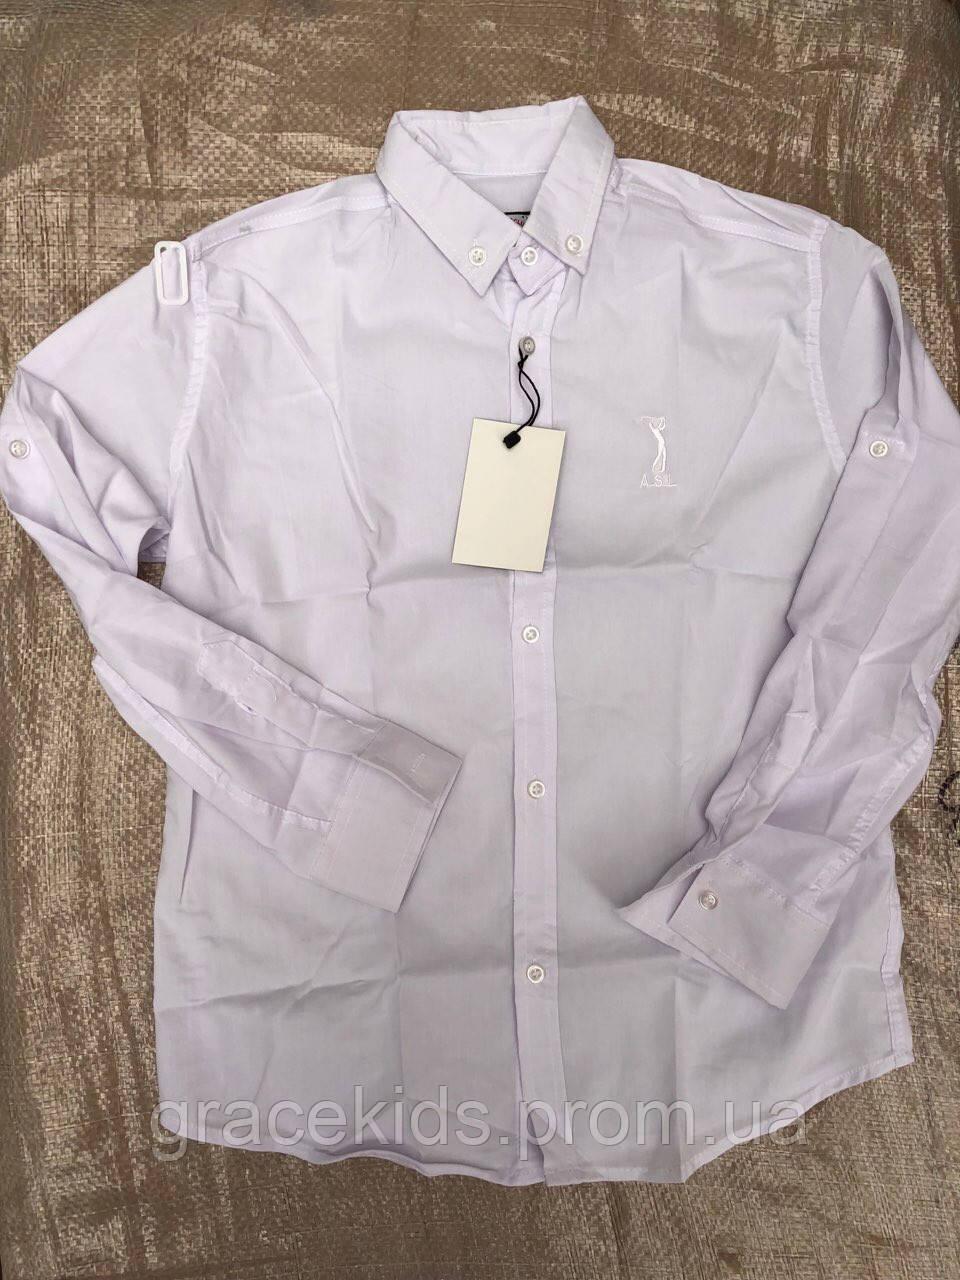 Белые рубашки для мальчиков подростковые оптом US.Golf Club,разм 146-170 см,Турция